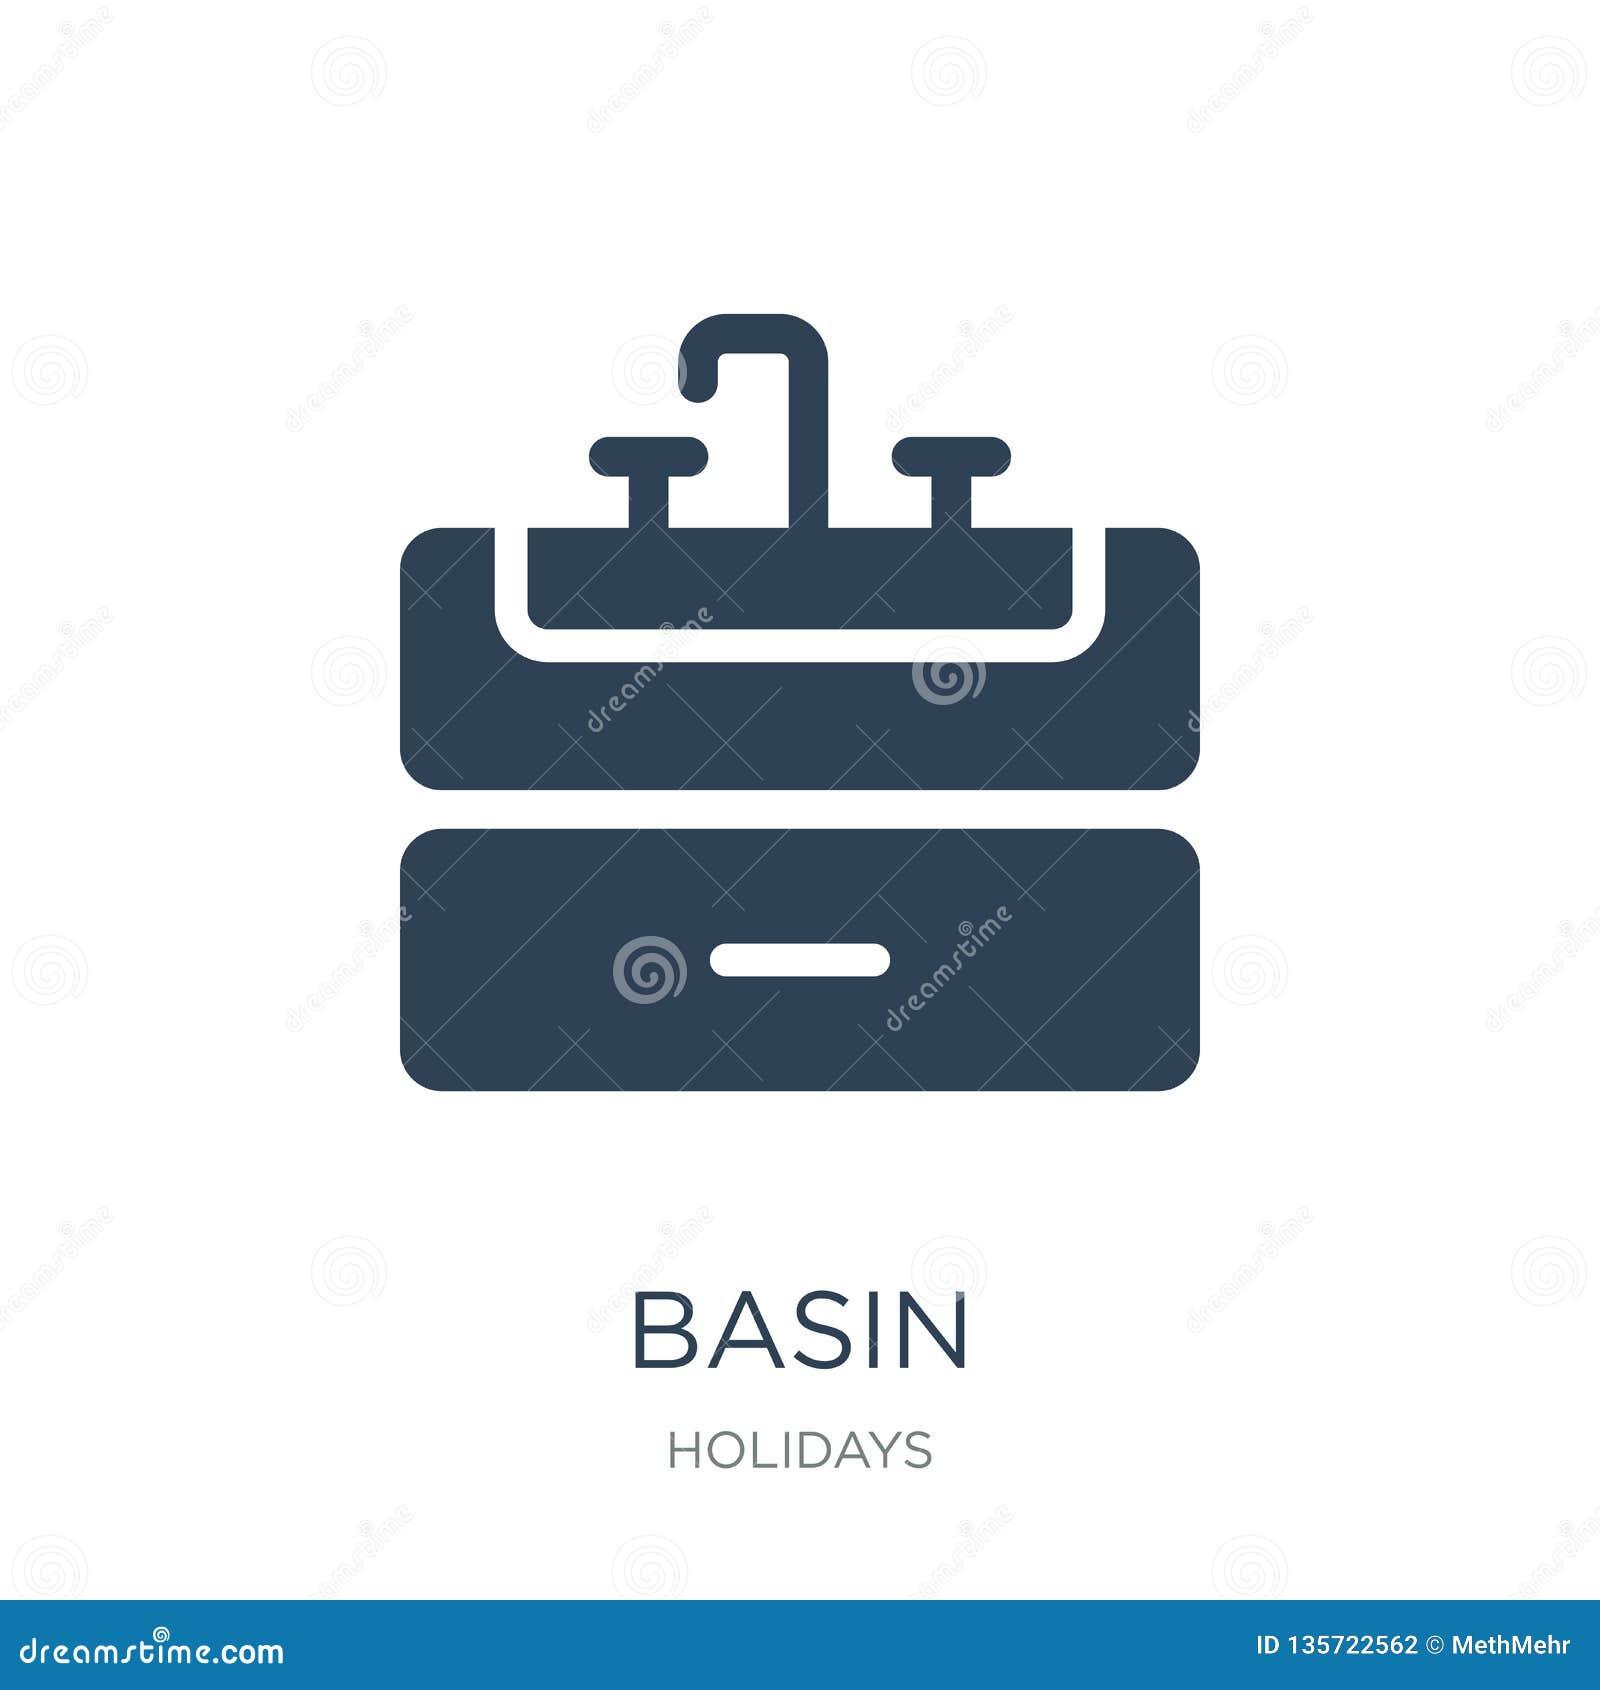 Icône De Bassin Dans Le Style à La Mode De Conception Icône De